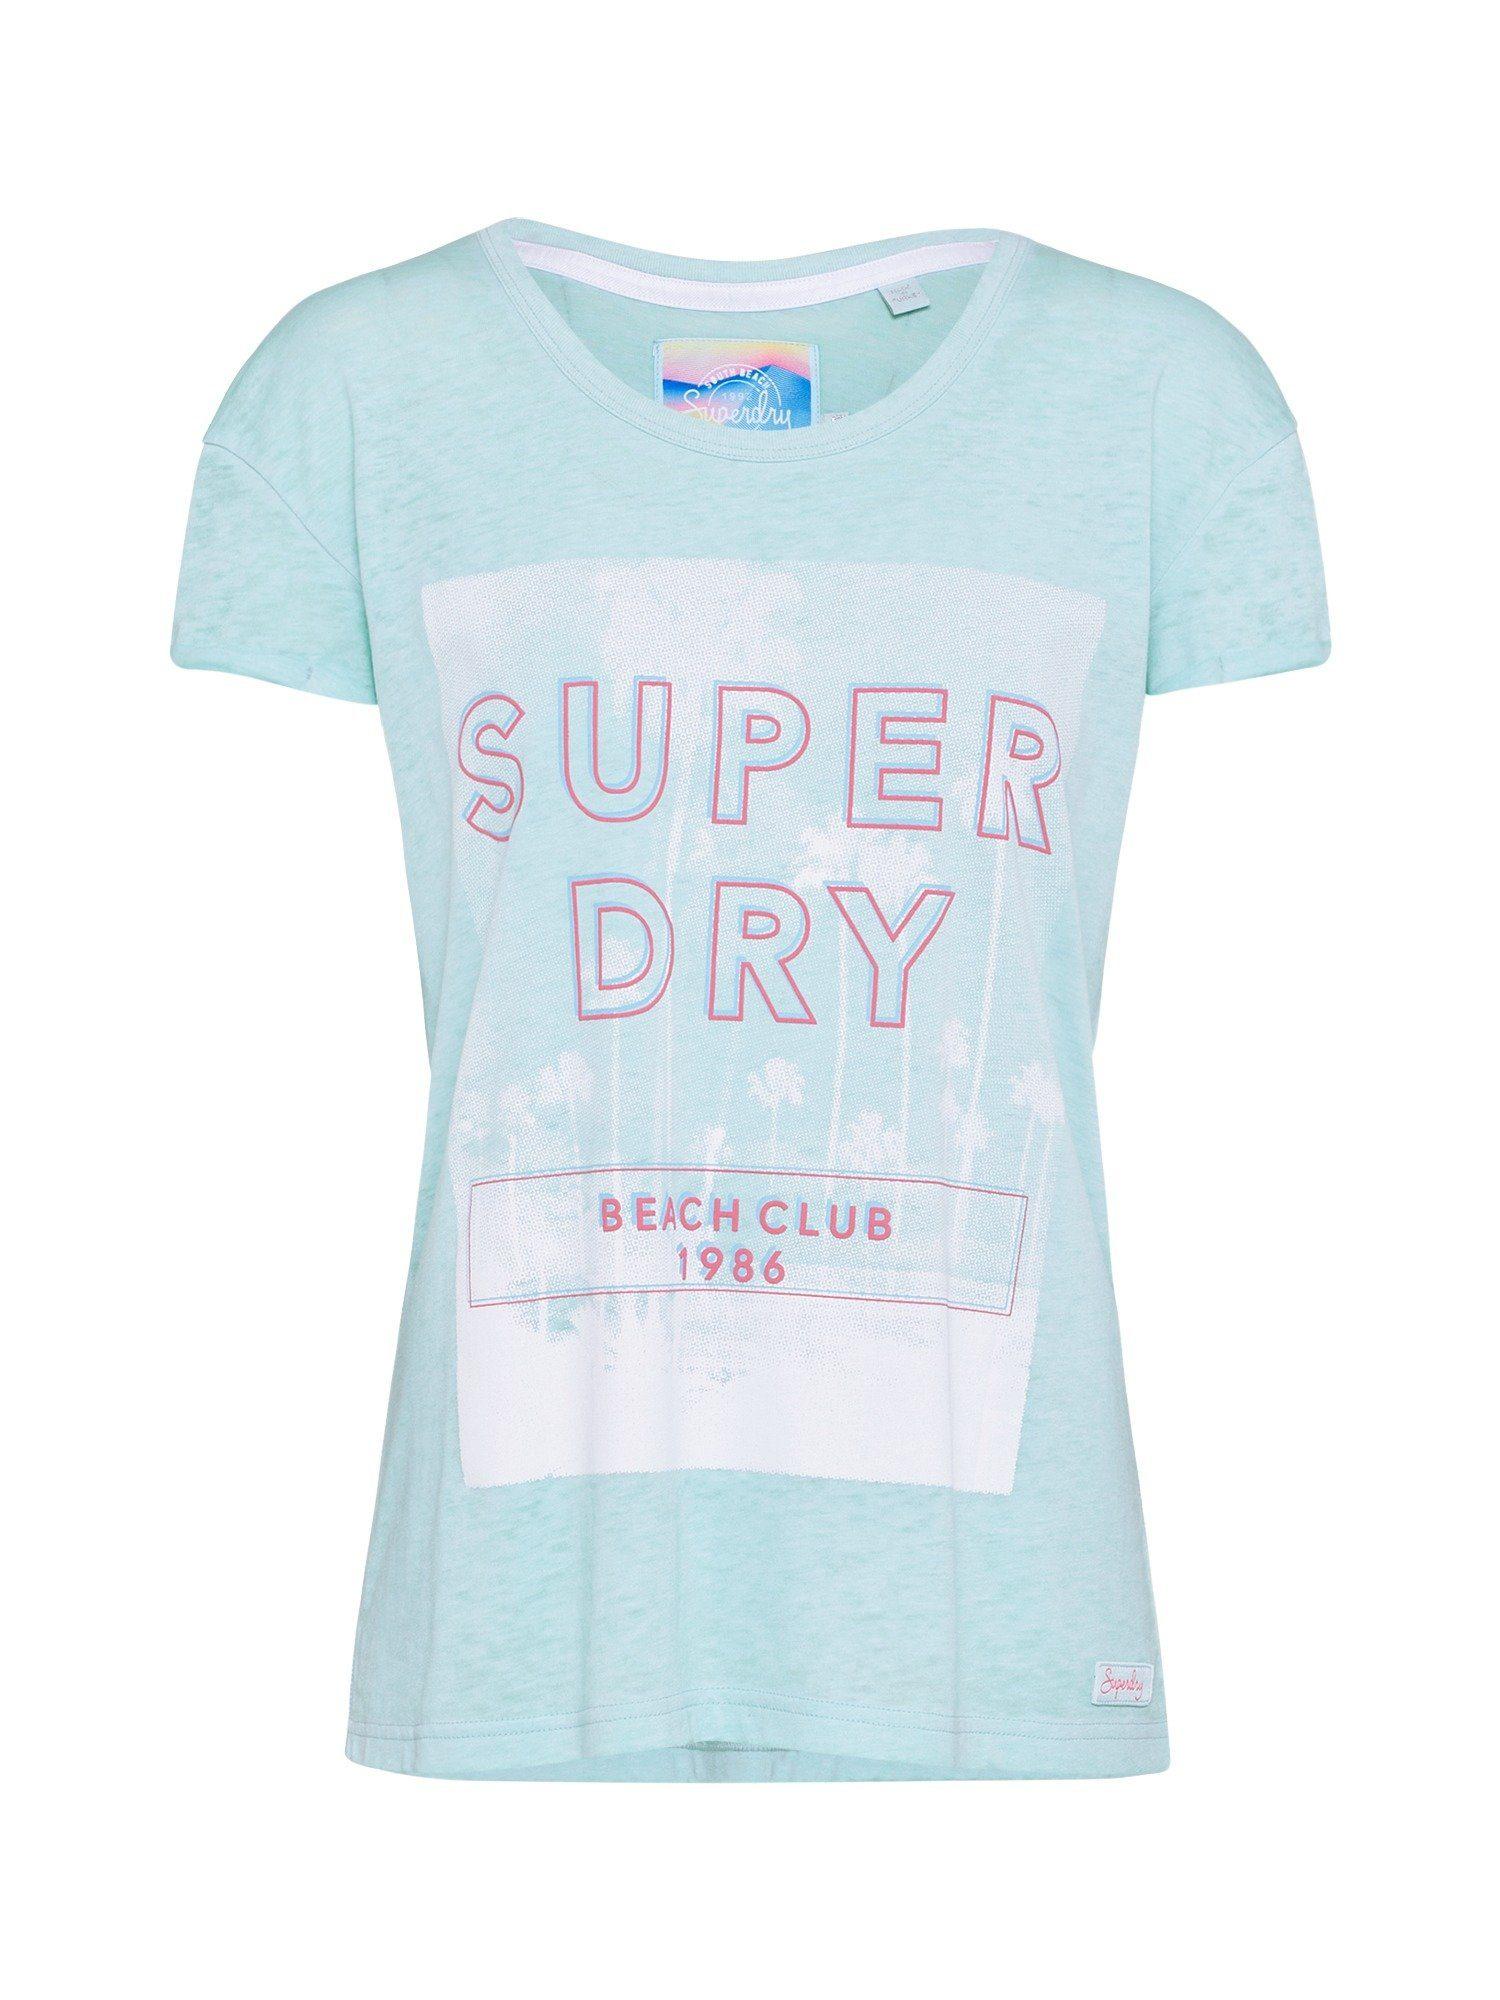 Clear Foil Chuck Patch T shirt Für Damen from Converse on 21 Buttons